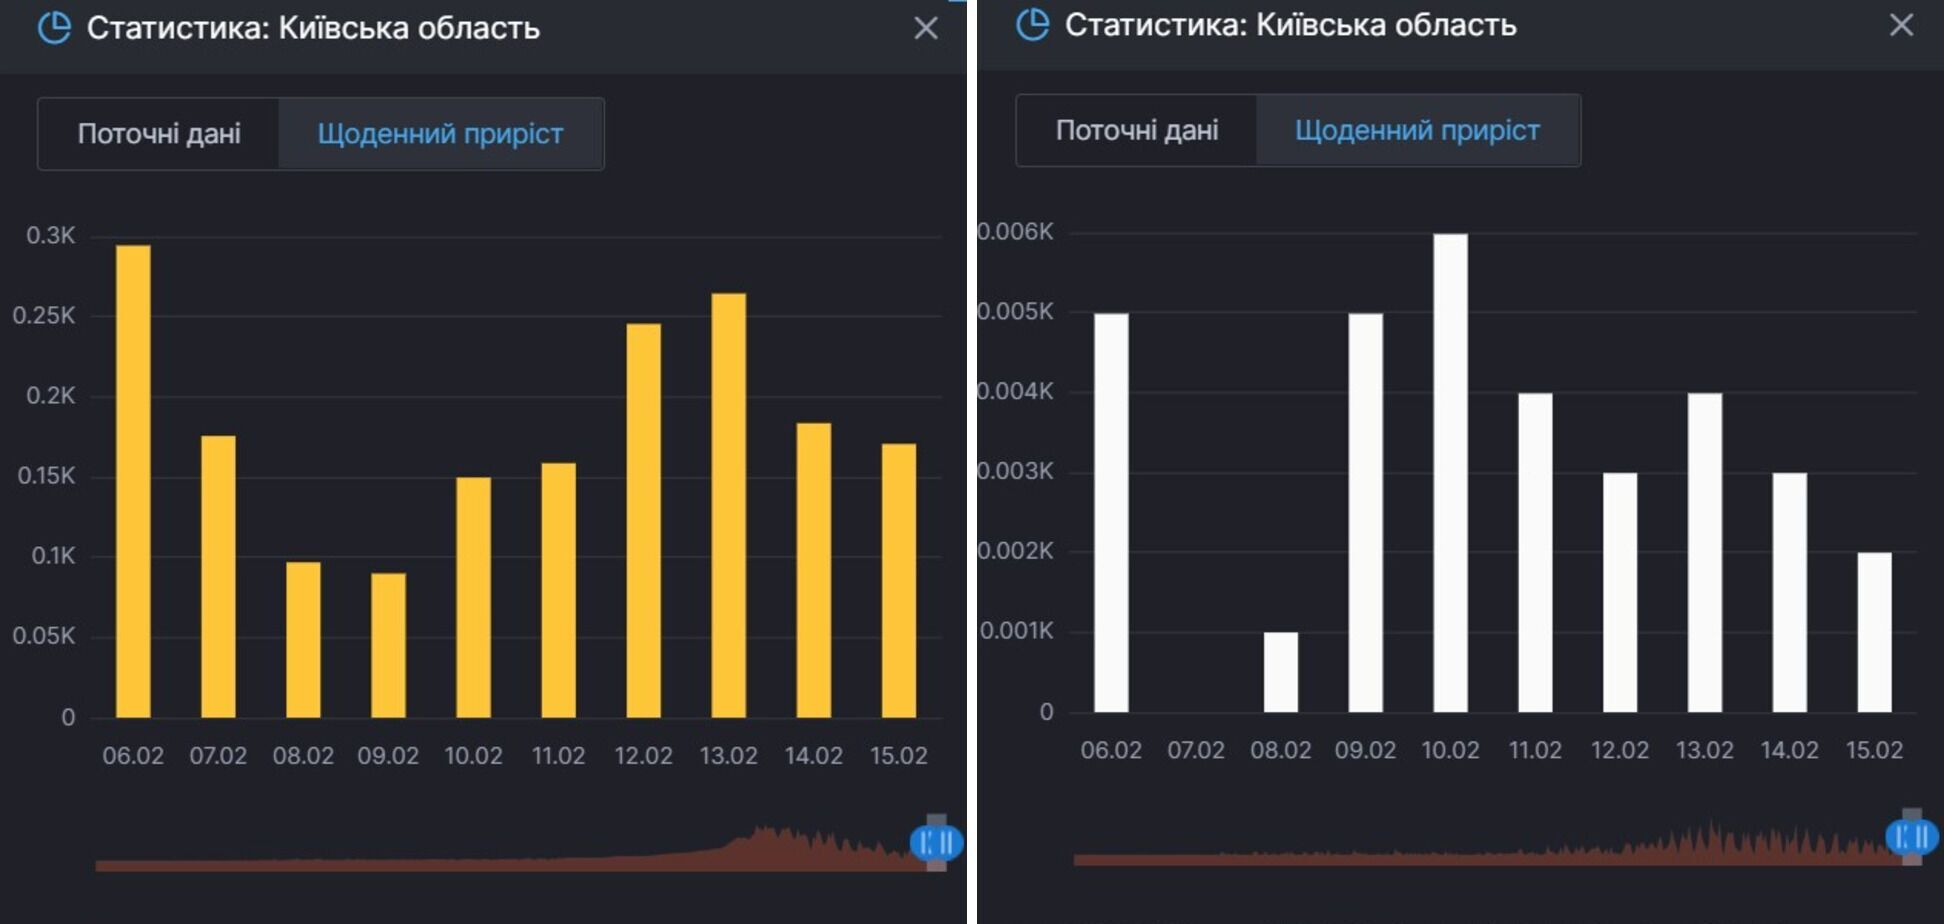 Прирост заражений COVID-19 и смертей от него в Киевской области